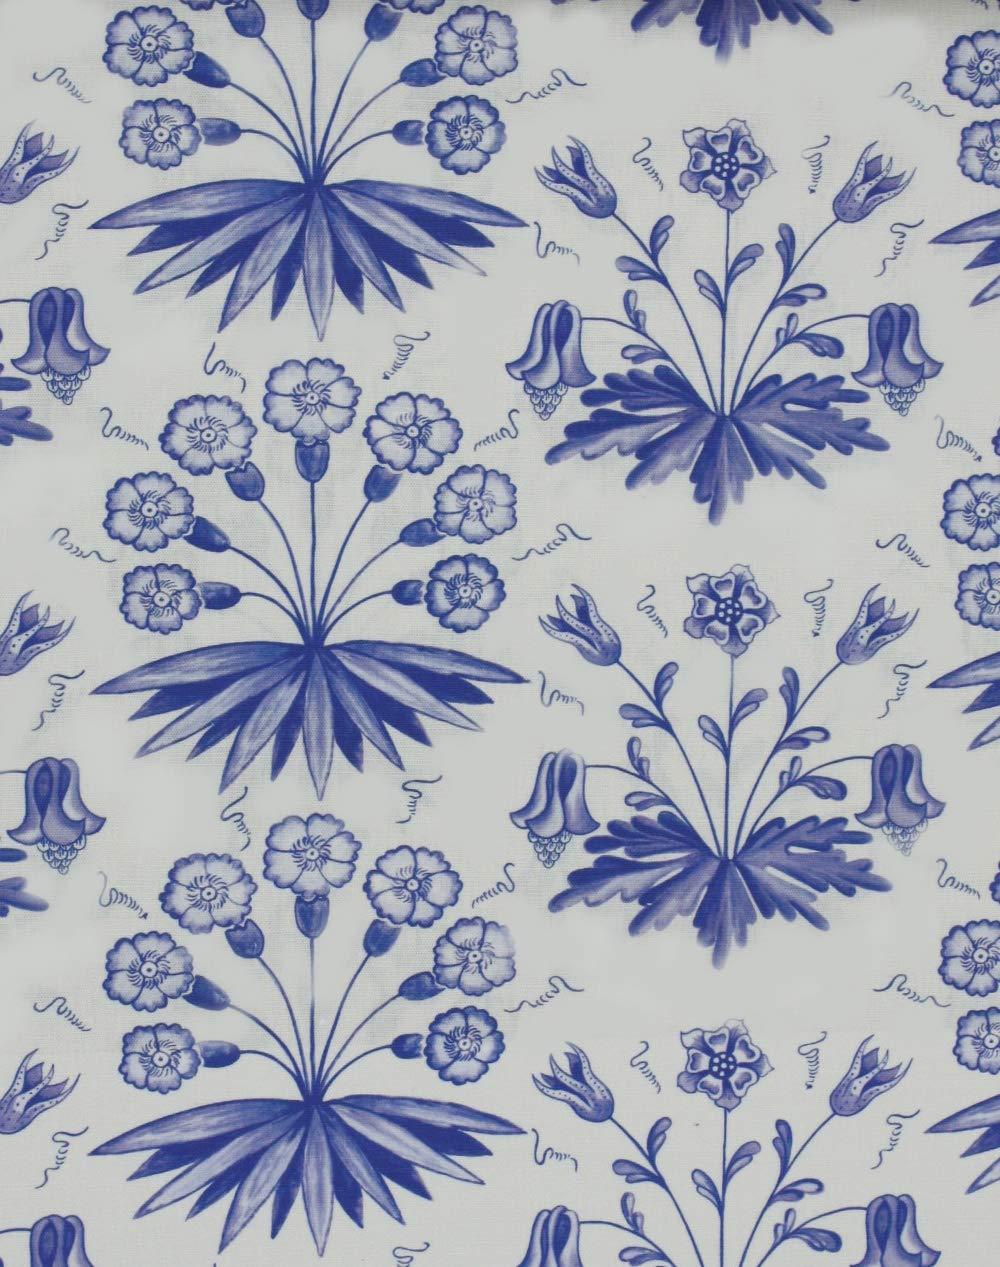 ウィリアムモリス おしゃれな 手芸用 生地 布地 kiji-primrosecol(IO) (224483) 【 約138cm幅×100cm 】 輸入 ファブリック 海外 import クラフト 布 生地 北欧調 アンテーク調 William Morris 植物 花柄 フラワー柄 リーフ 麻 リネン 綿 コットン ナイロン blue ブルー 青  224483 B076V3YMRK